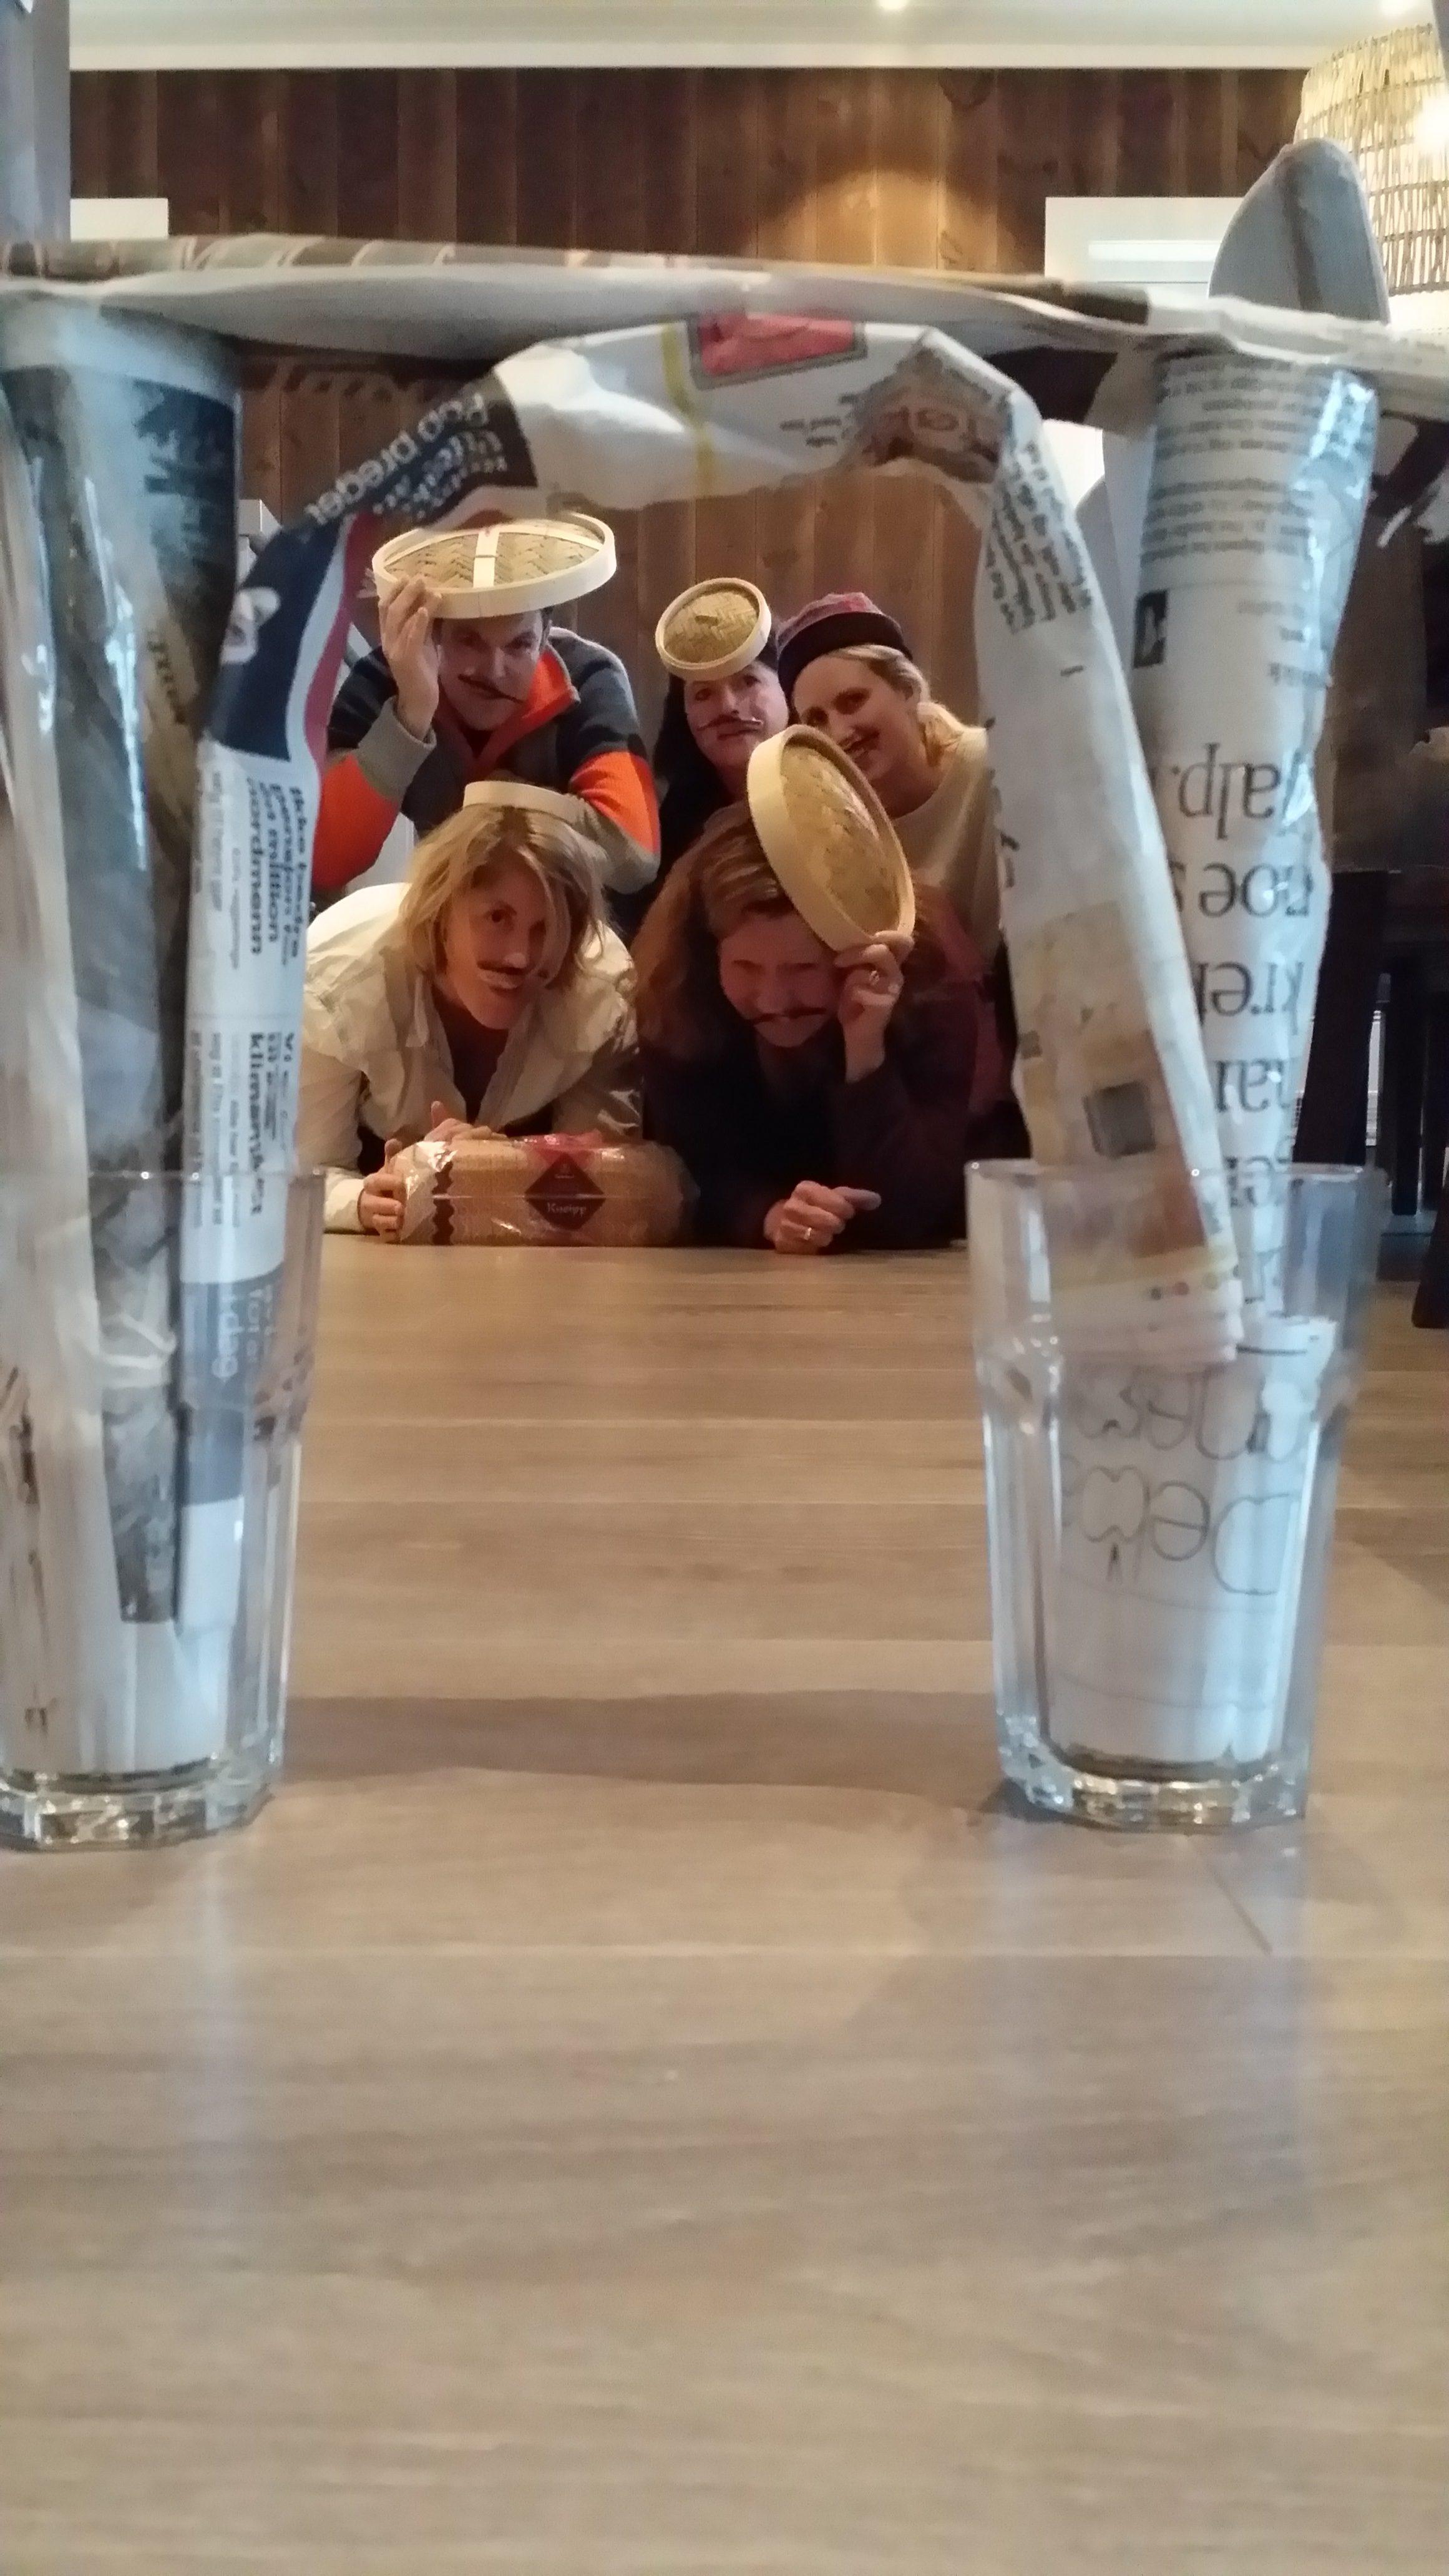 Gruppe mennesker ligger på gulvet bak en portal av avispapir